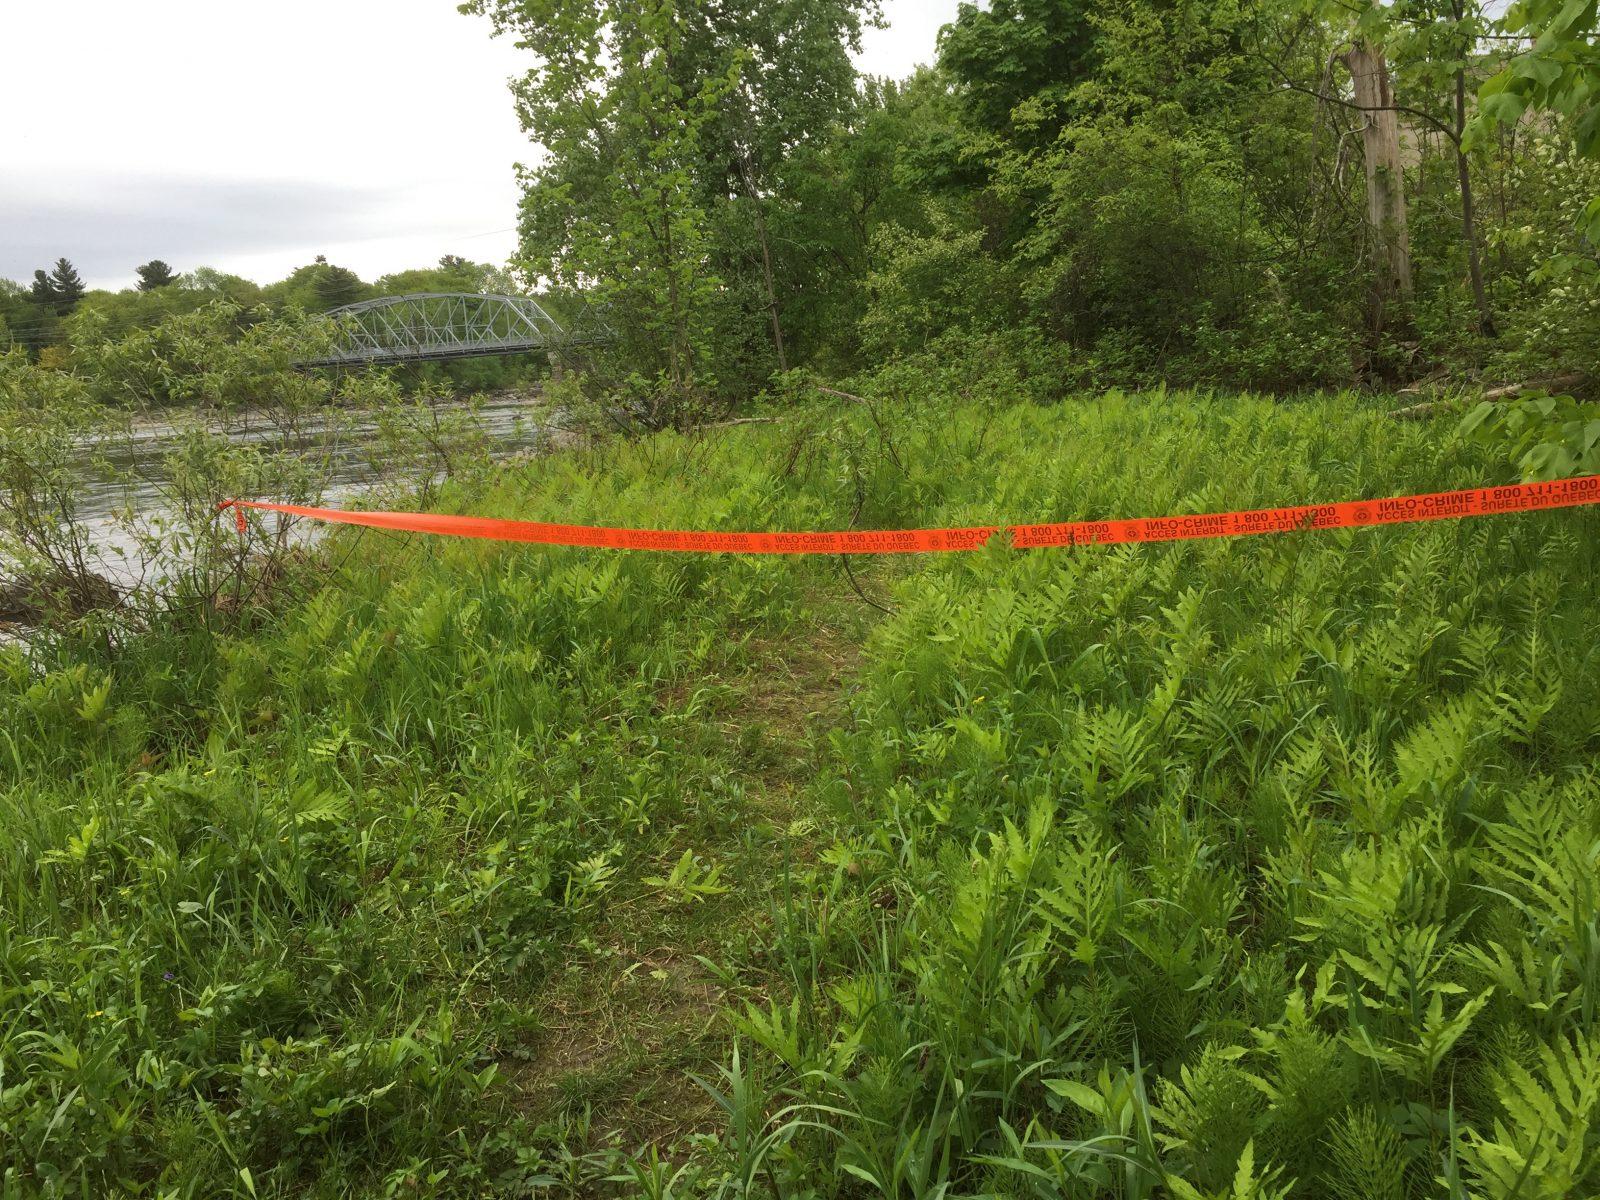 Ossements possiblement humains trouvés au parc Woodyatt